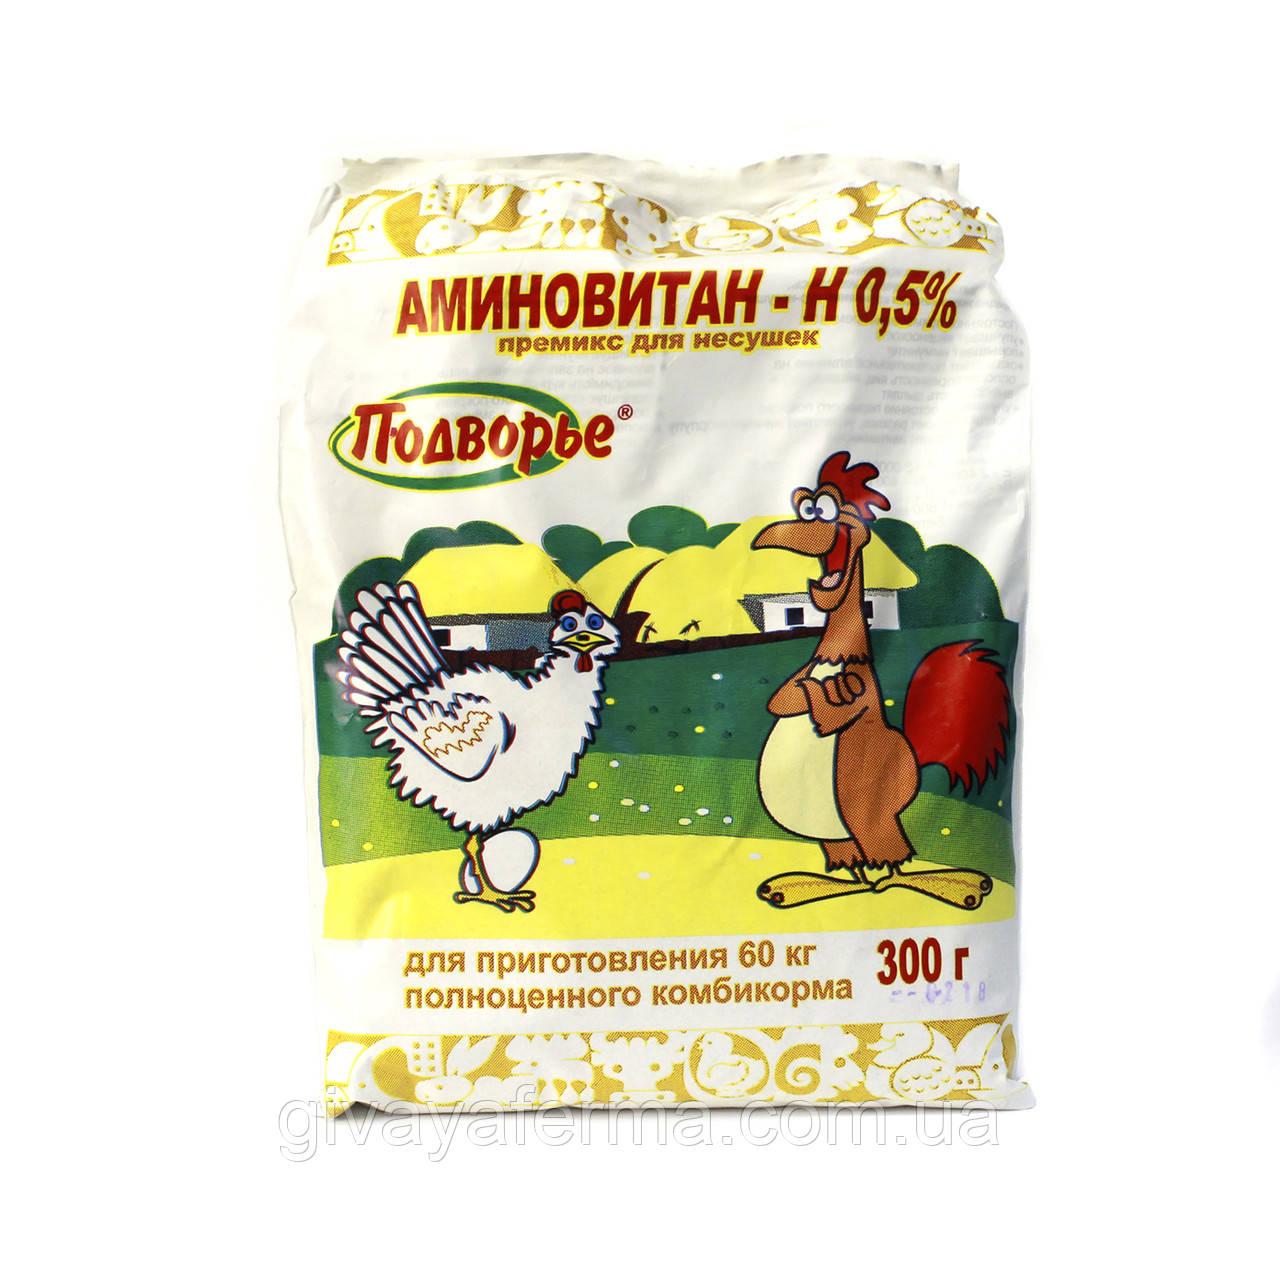 Премикс Аминовитан Нст несушка 0,5%, 300 г, витаминно-минеральная добавка